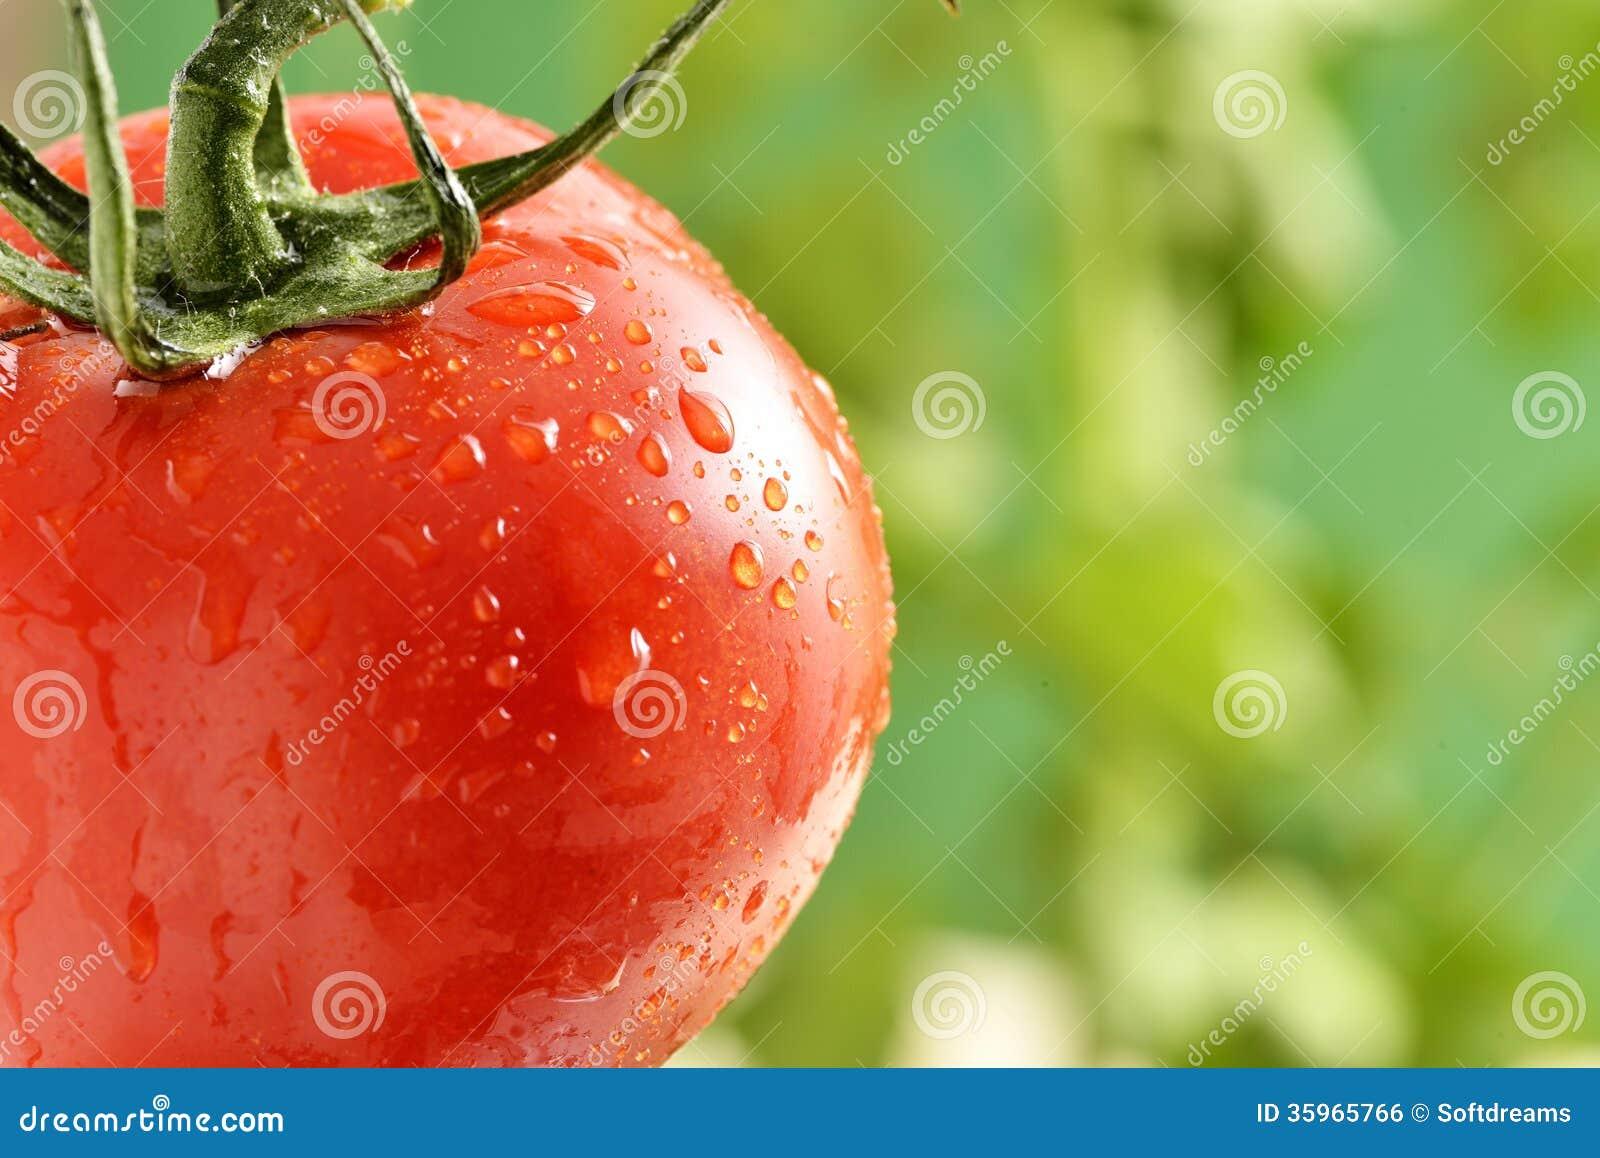 Gotitas de agua en la planta de tomate